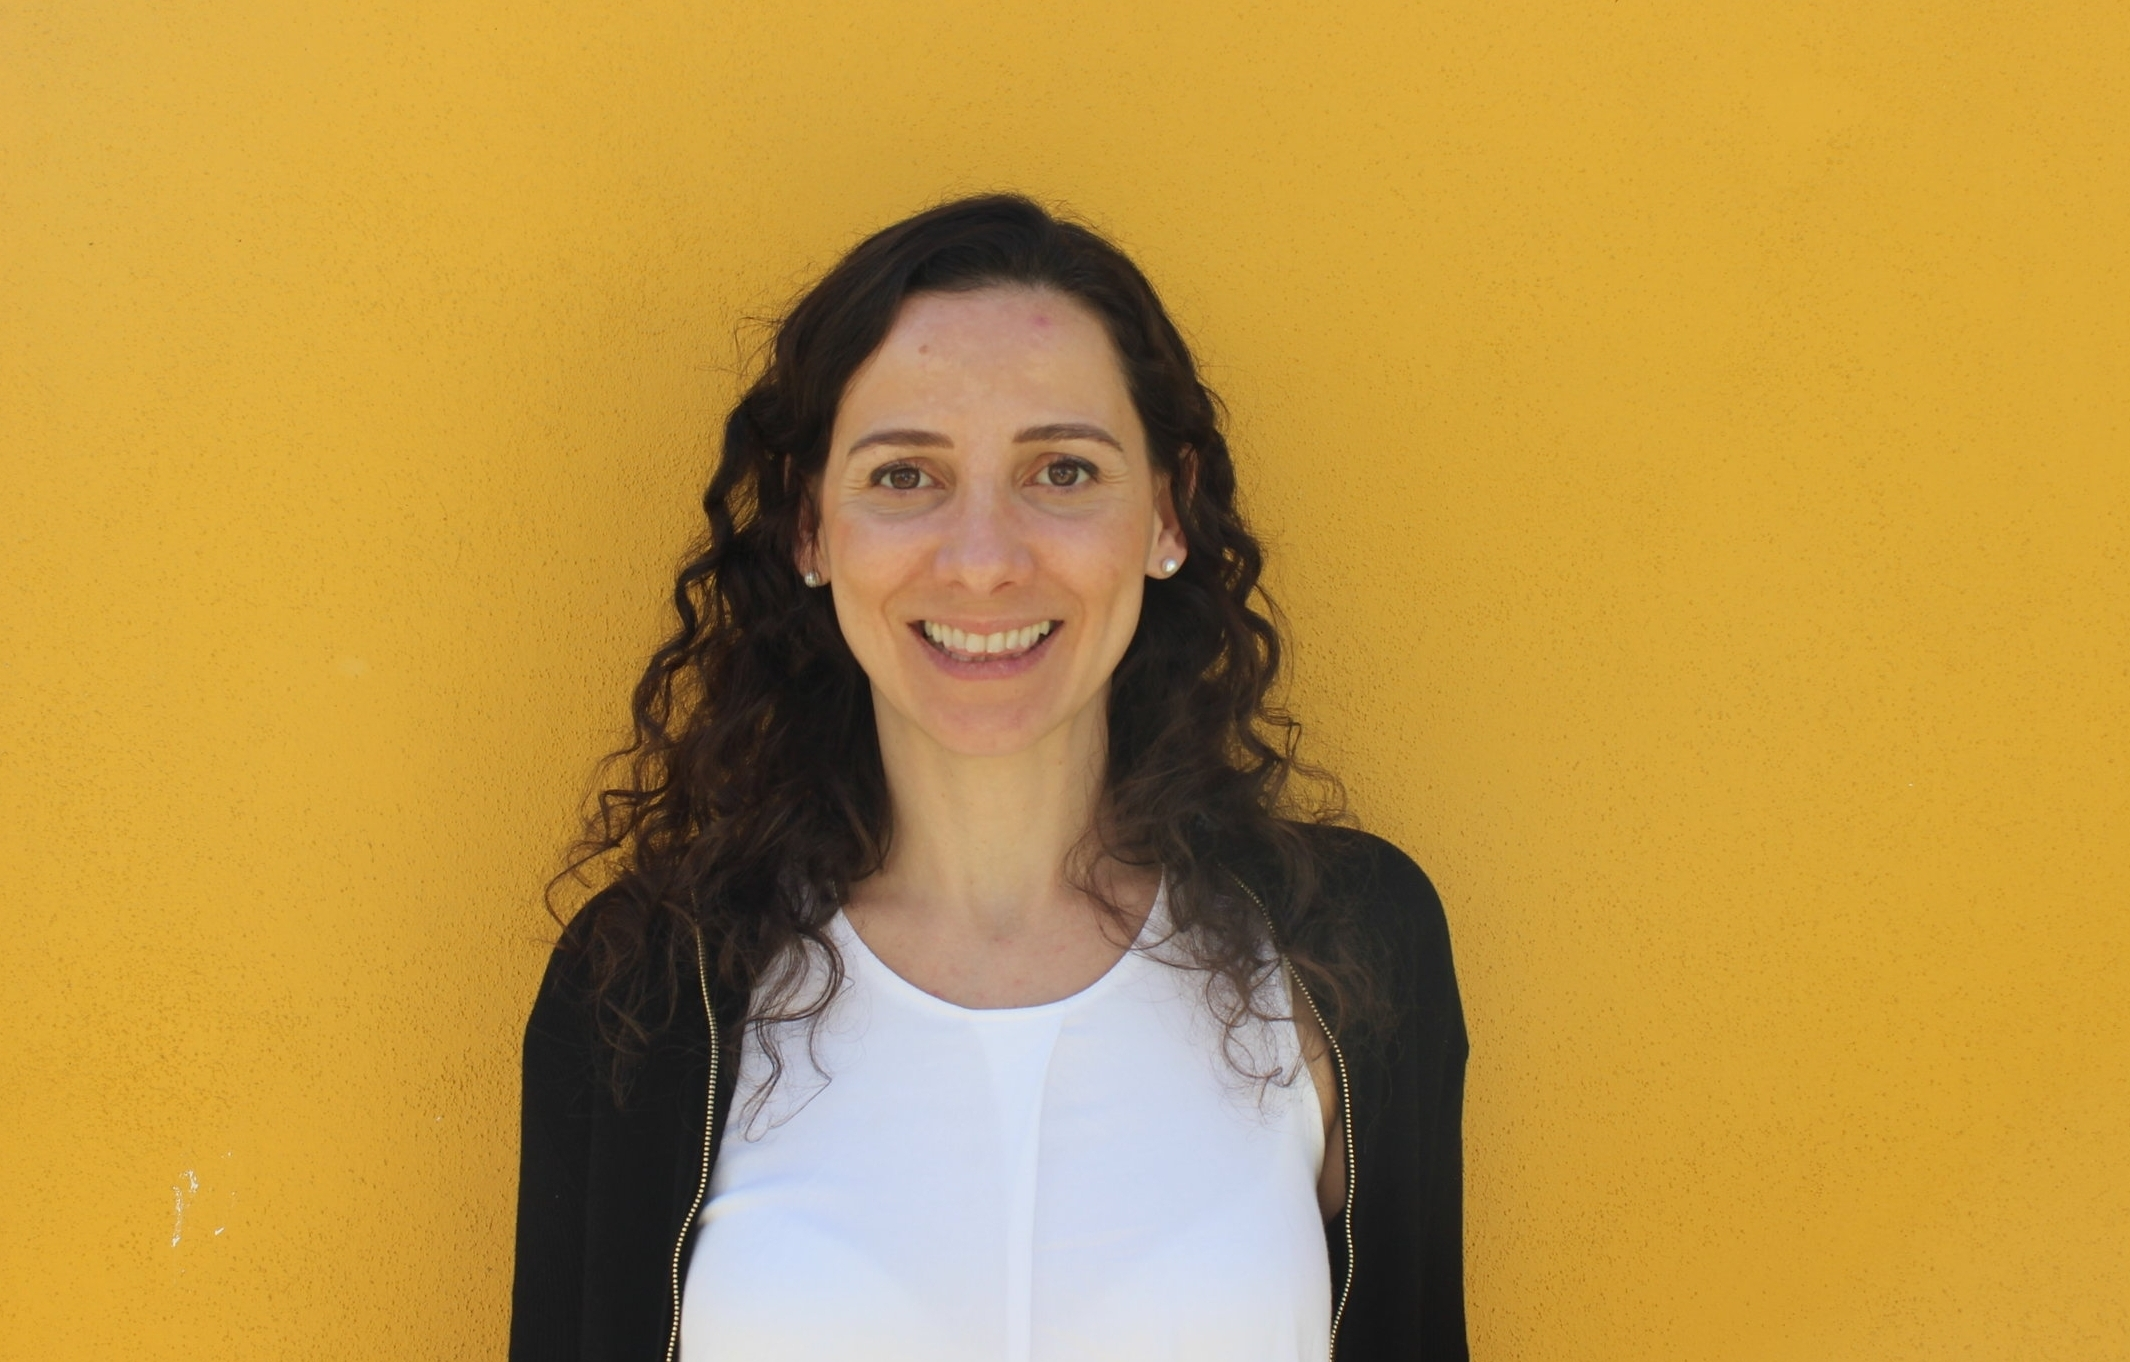 MARIANA SERVIDIO DE CASTRO  Com 15 anos de experiência, a Mariana é especialista em planeamento financeiro e controlo de gestão. Trabalhou no setor público, multinacional, pequena e média empresas e startup. Foi analista económica no Conselho Administrativo de Defesa Económica (Brasil), especialista de controlo de gestão na Gás Natural Fenosa (Espanha) e gerente de planeamento financeiro nos hotéis Le Canton (Brasil).  Em Portugal é consultora, empreendedora e formadora em cursos de finanças para empreendedores.   É licenciada em Economia pela Universidade Federal Fluminense (Brasil), possui um Máster em Regulação Económica pela Universidade de Barcelona e é pós graduada em Gestão Económico-Financeira pela IDEC-Pompeu Fabra (Barcelona).    SUPER PODER -  Comprometimento e dedicação